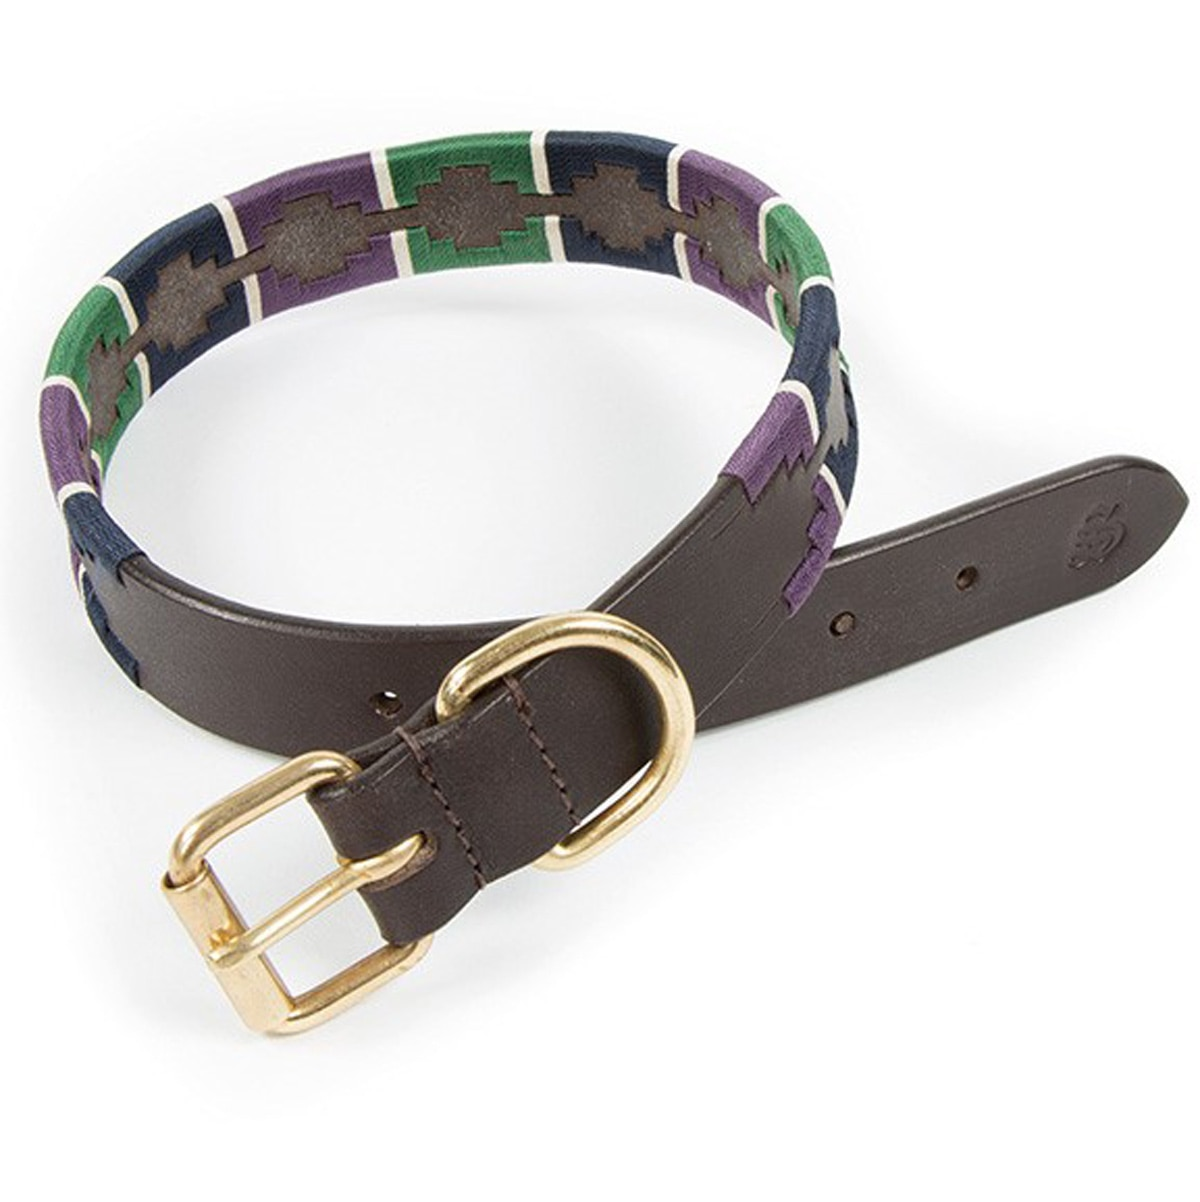 Drover Polo Collar by Shires